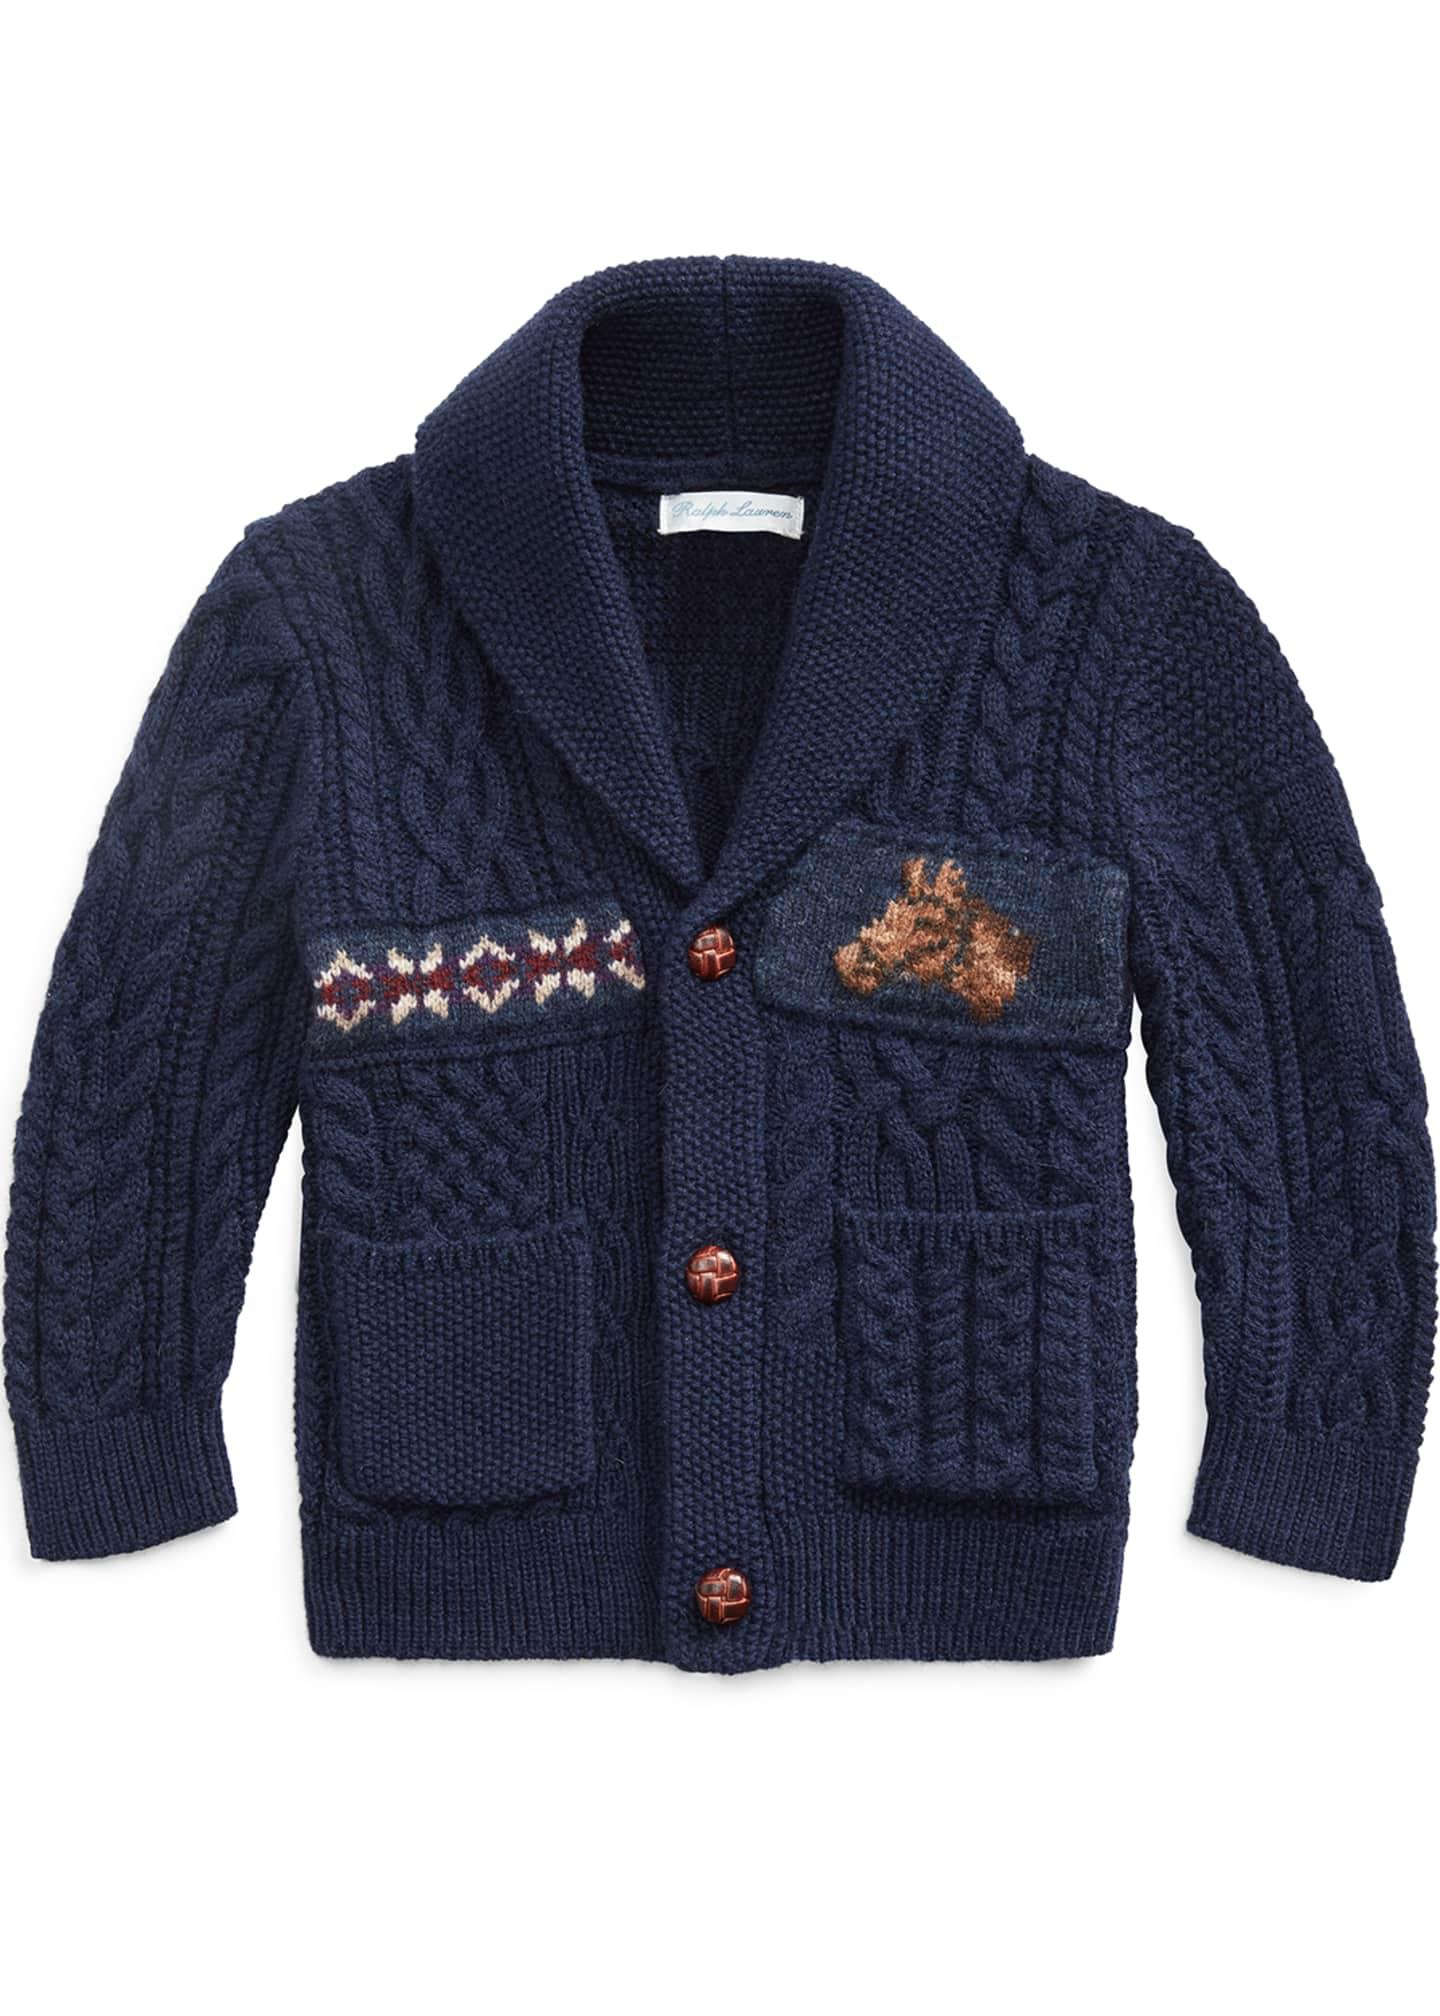 Ralph Lauren Childrenswear Boy's Merino Wool Blend Patchwork